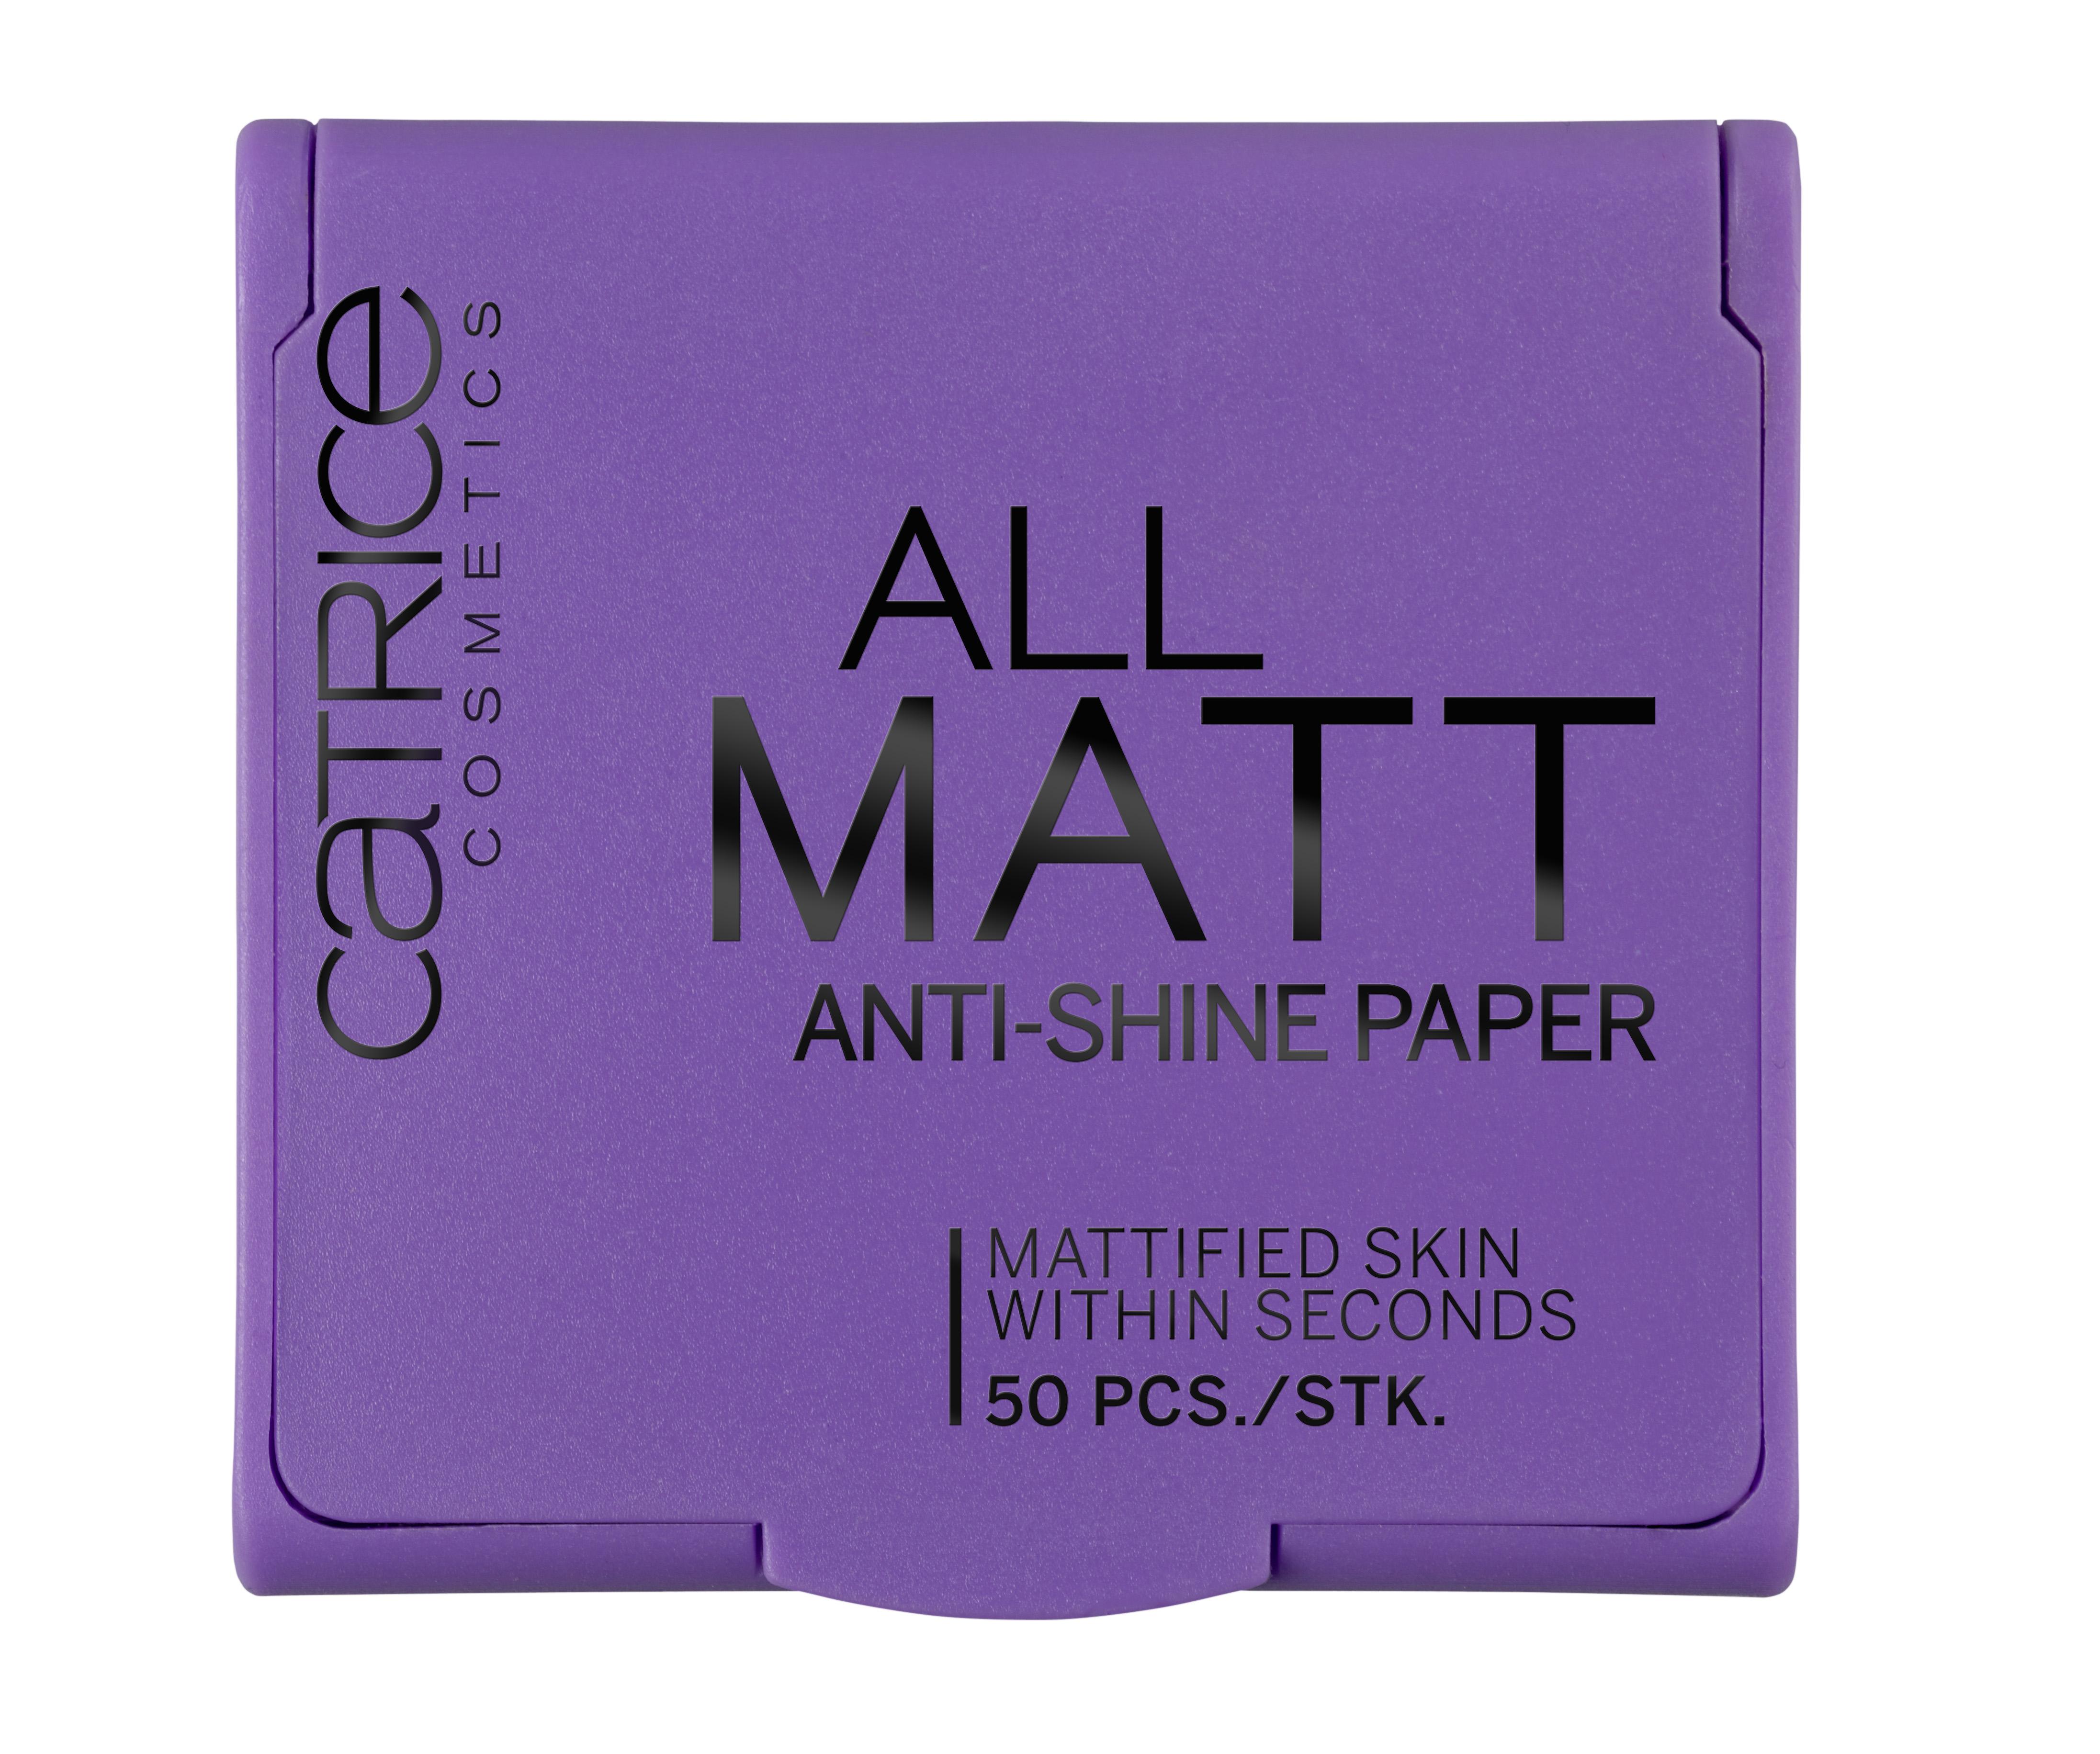 Catrice All Matt Anti-Shine Paper